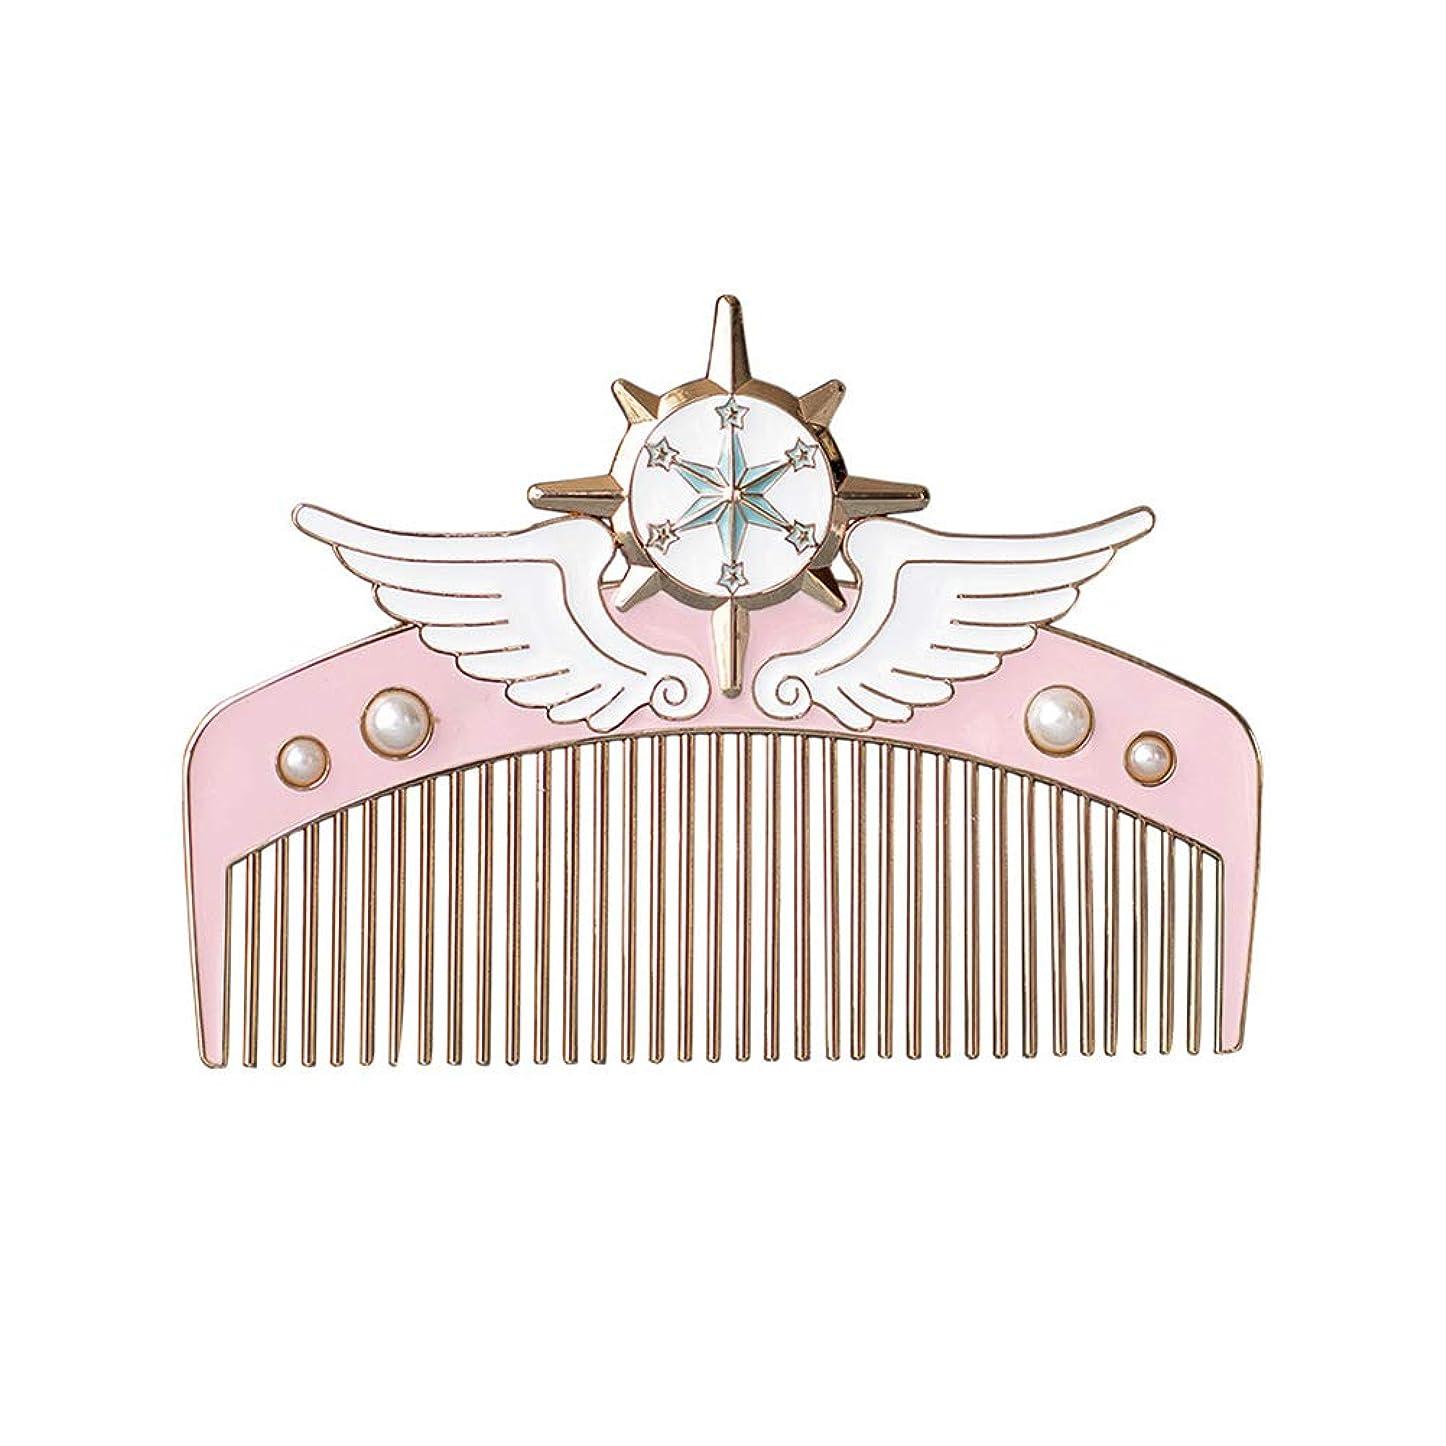 読書ラジカル逮捕ライフ小屋 櫛 ヘアブラシ カードキャプターさくら セーラームーン 可愛い ピンク 細歯 夢の杖櫛 半月形 ヘアブラシ 子供の髪 贈り物 プレゼント